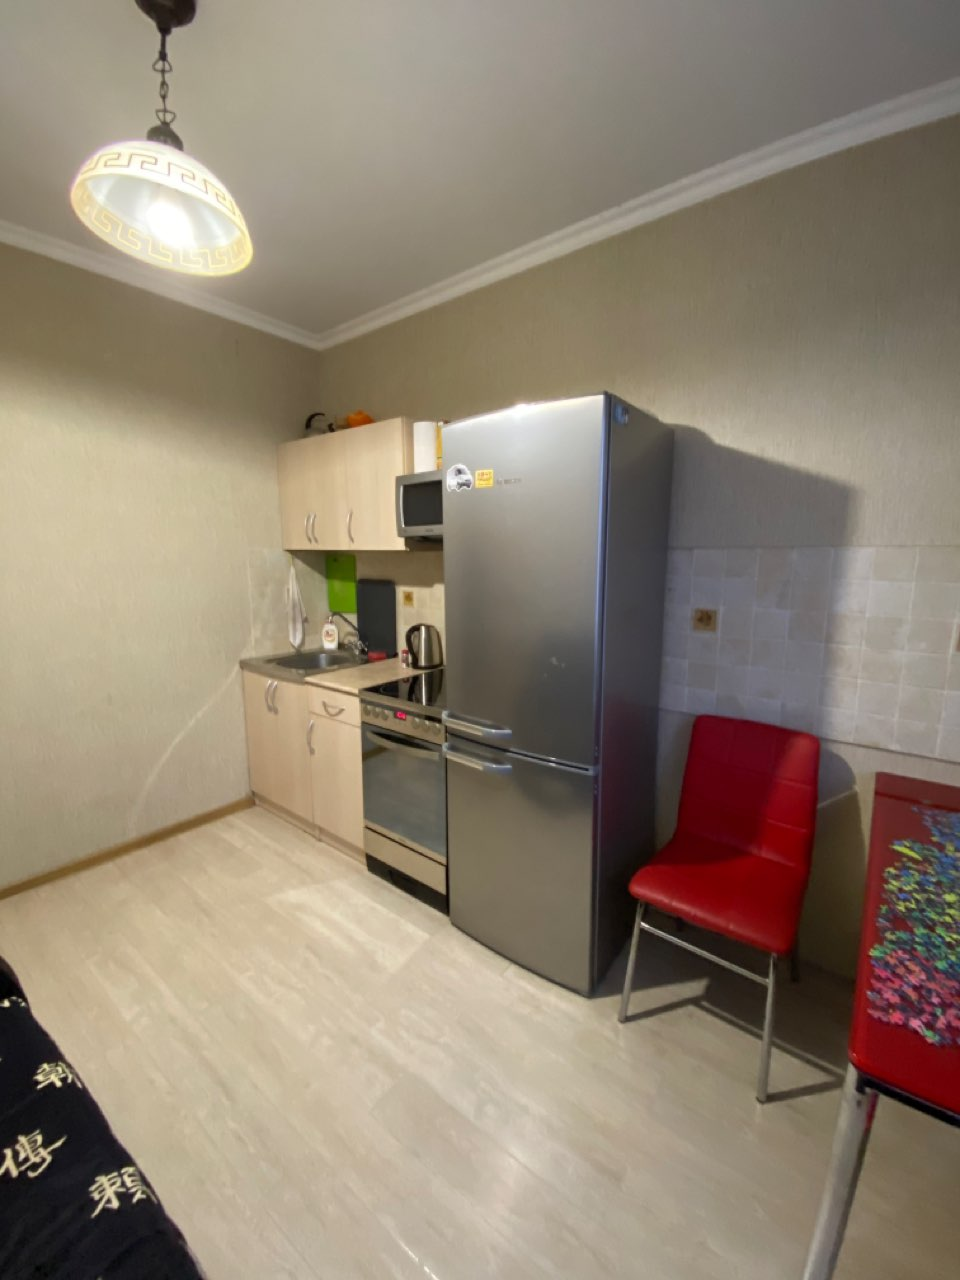 Квартира в Москве продаж с мебельюа